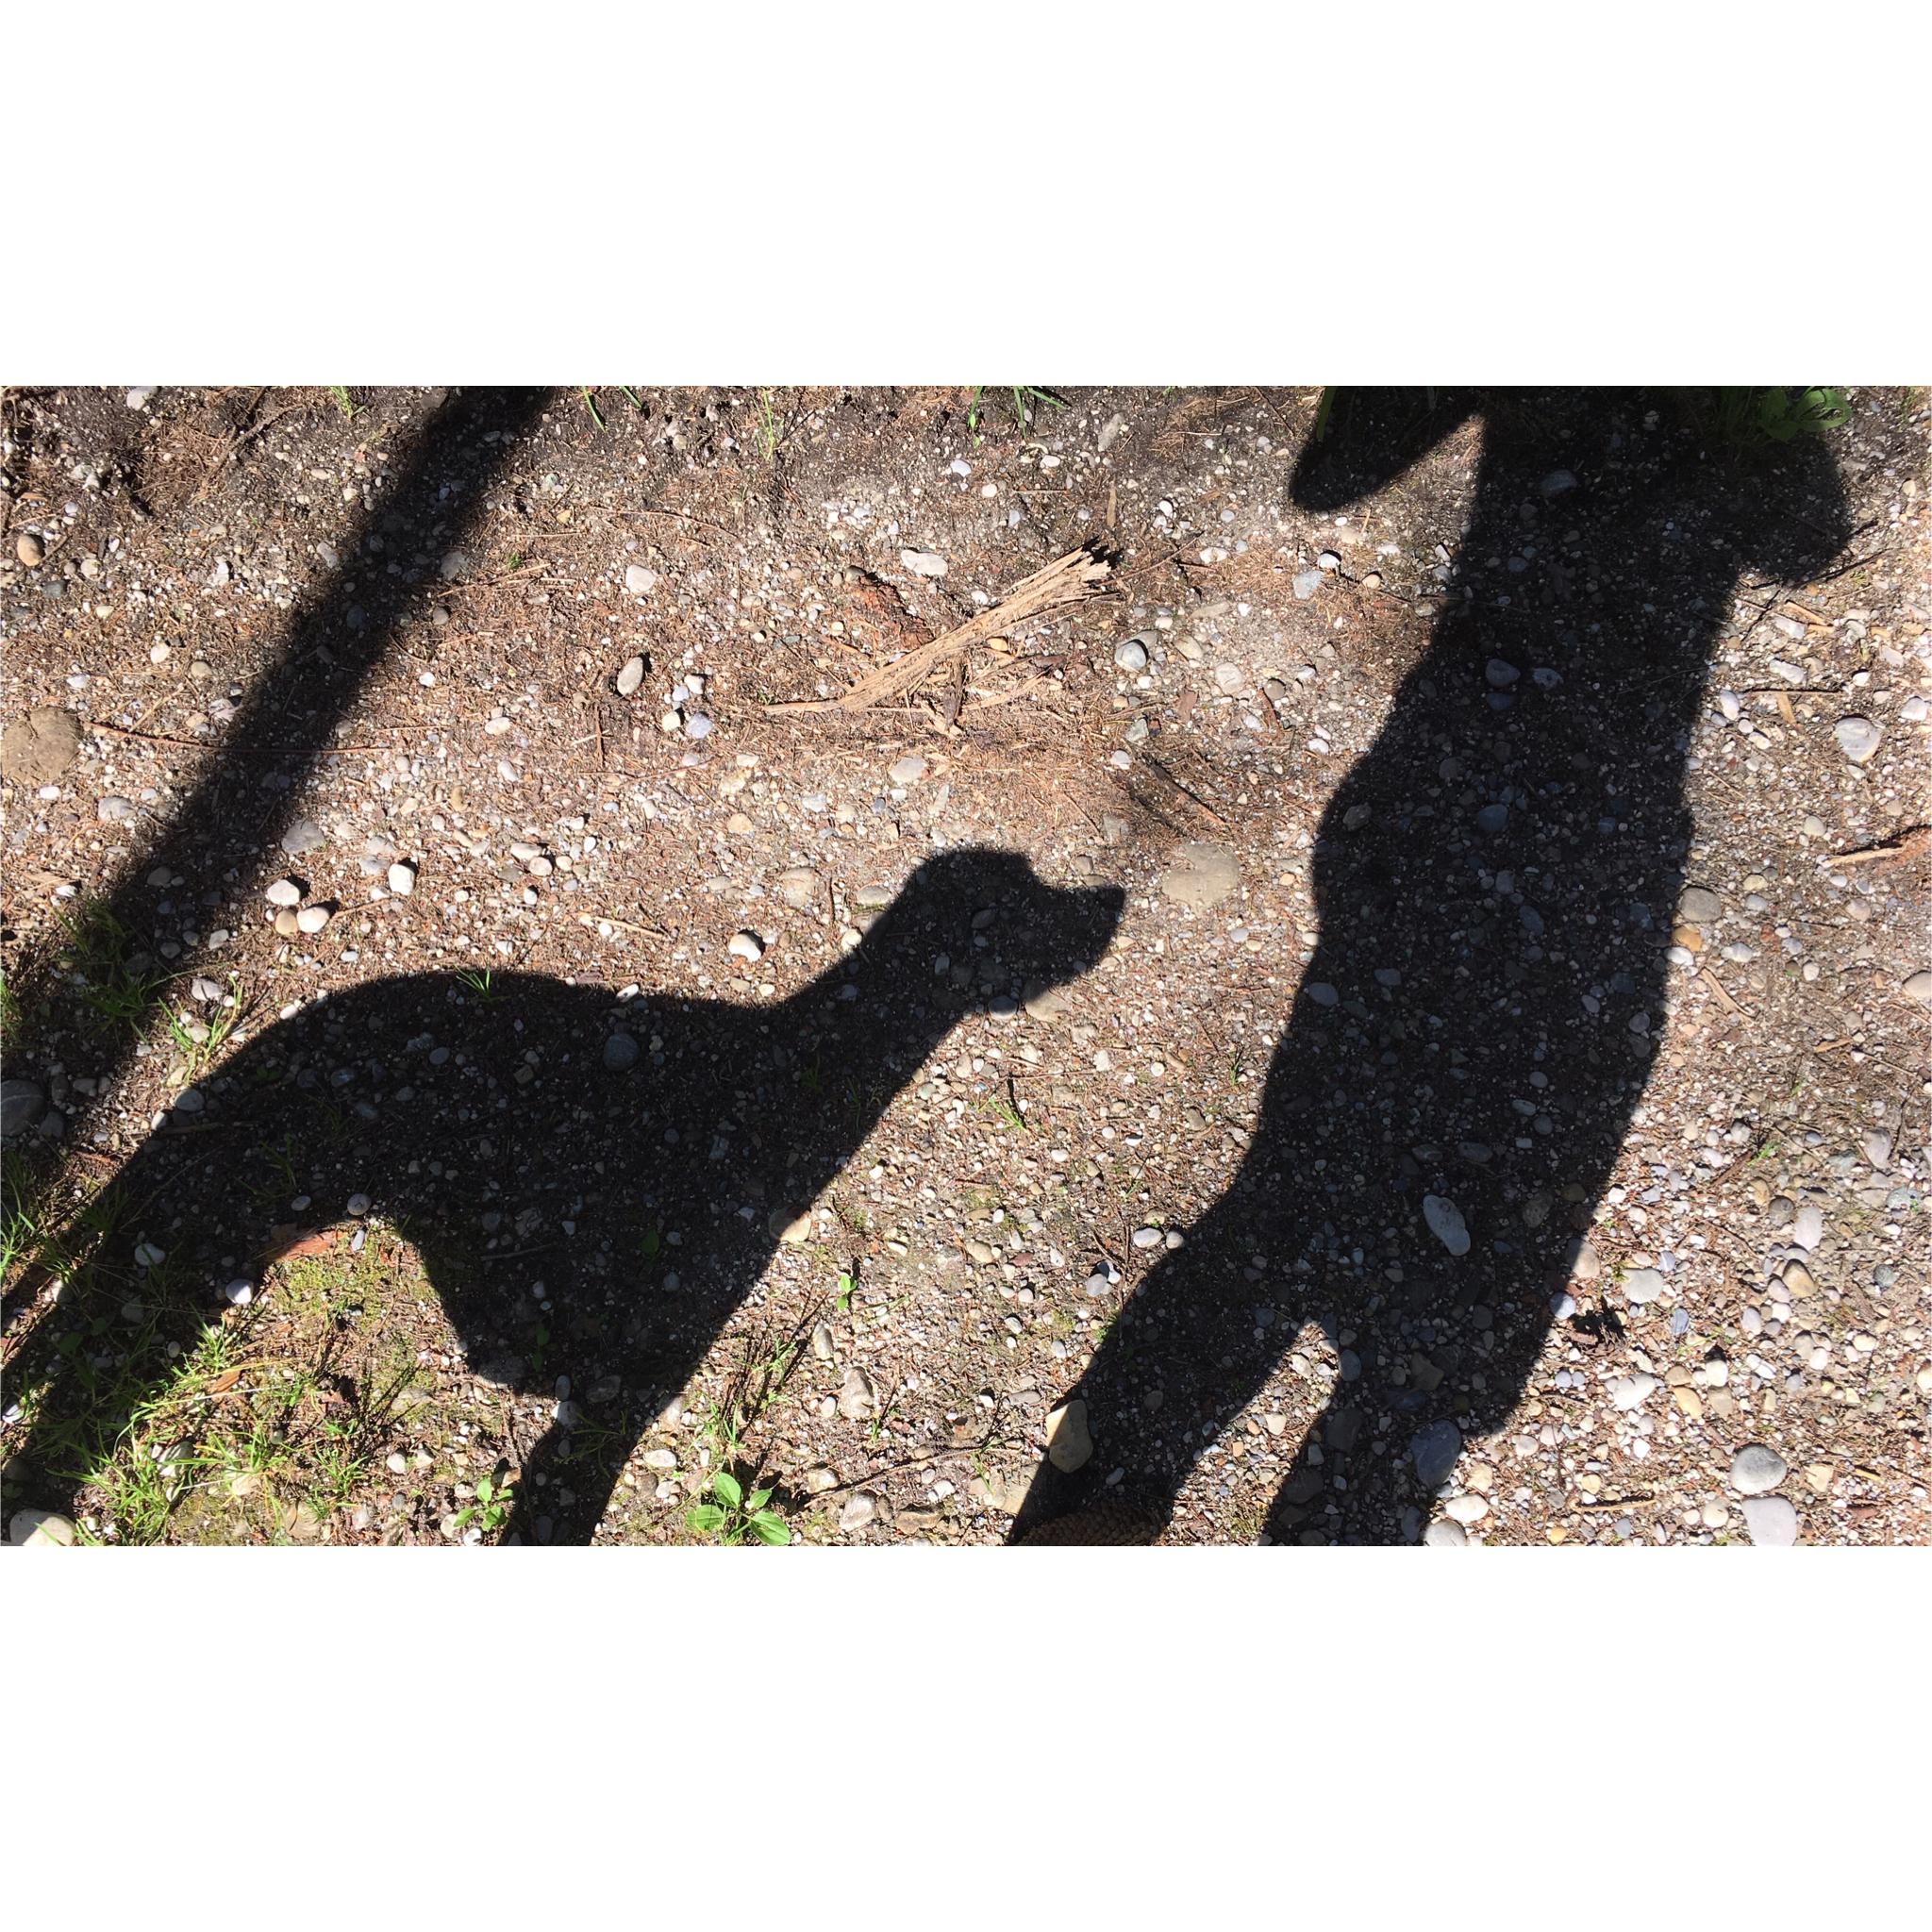 Sommer in München mit Hund